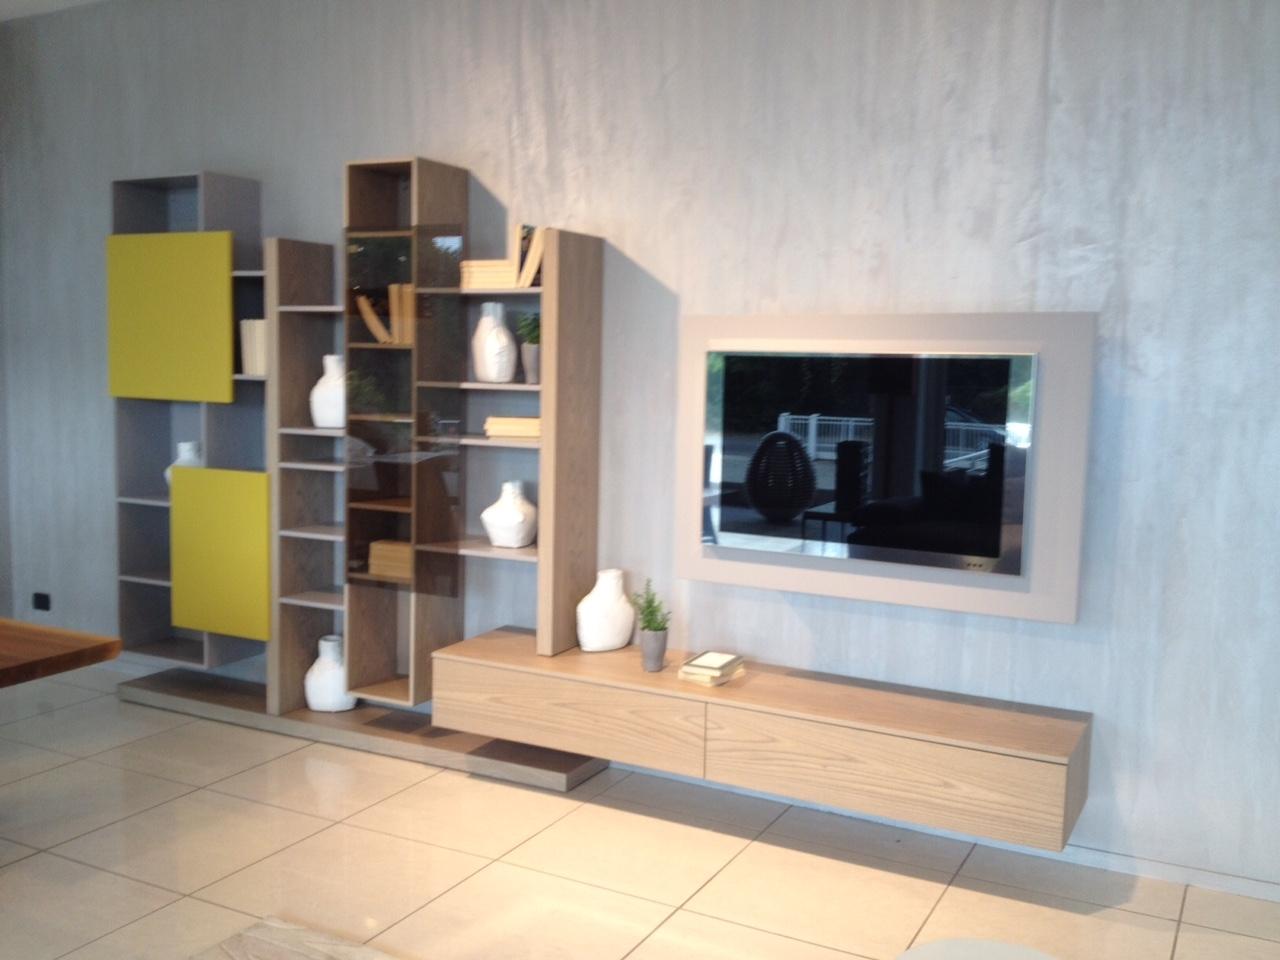 Soggiorno Fimar completo di porta TV orientabile - Soggiorni a prezzi scontati